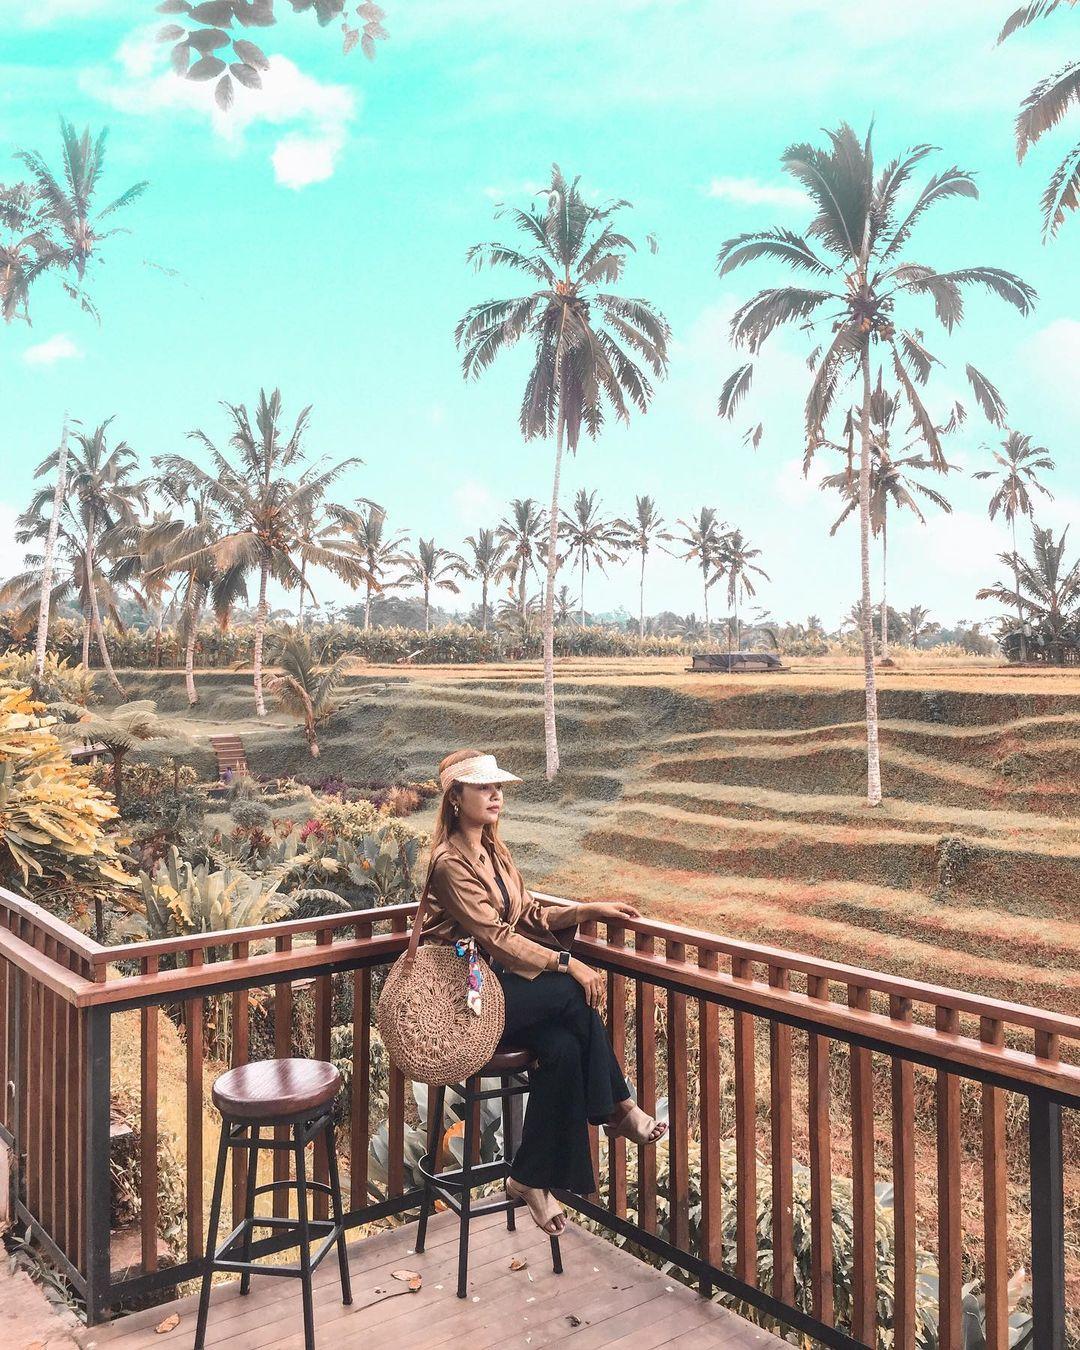 Tempat Duduk Dengan View Pemandangan Di Secret Garden Village Bali Image From @ekacandradewi